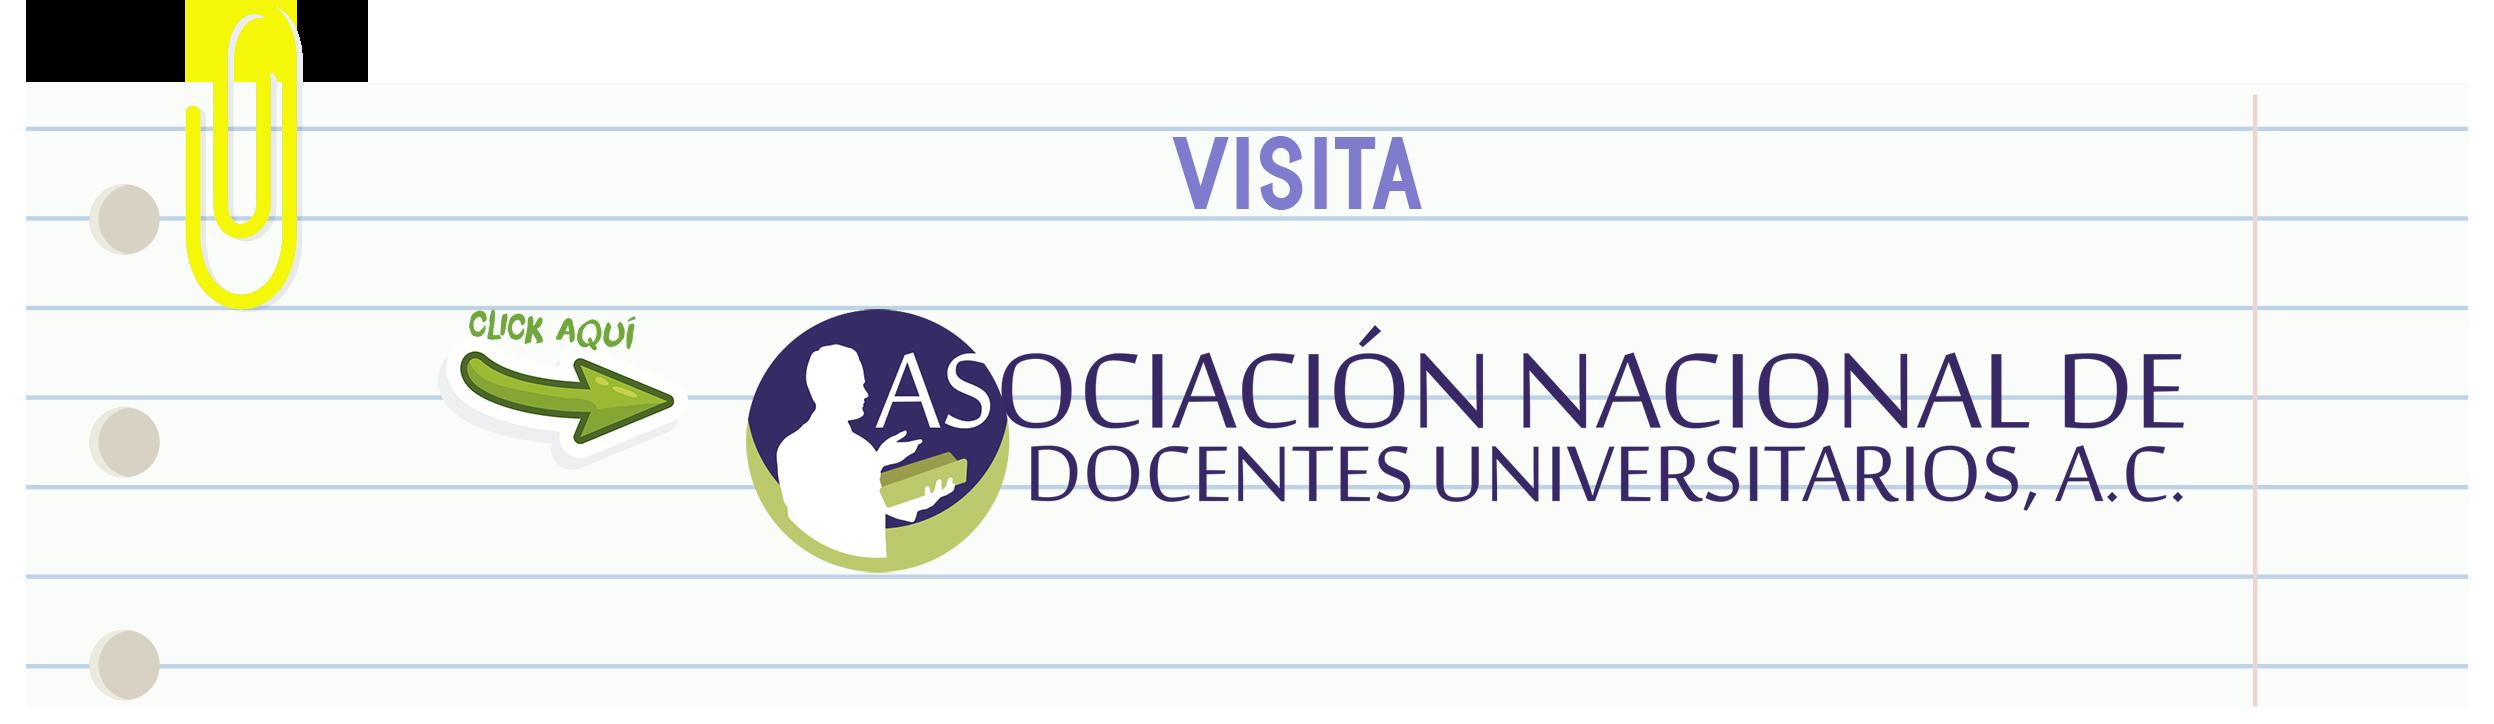 Enlace Asociación Nacional de Docentes Universitarios A. C.